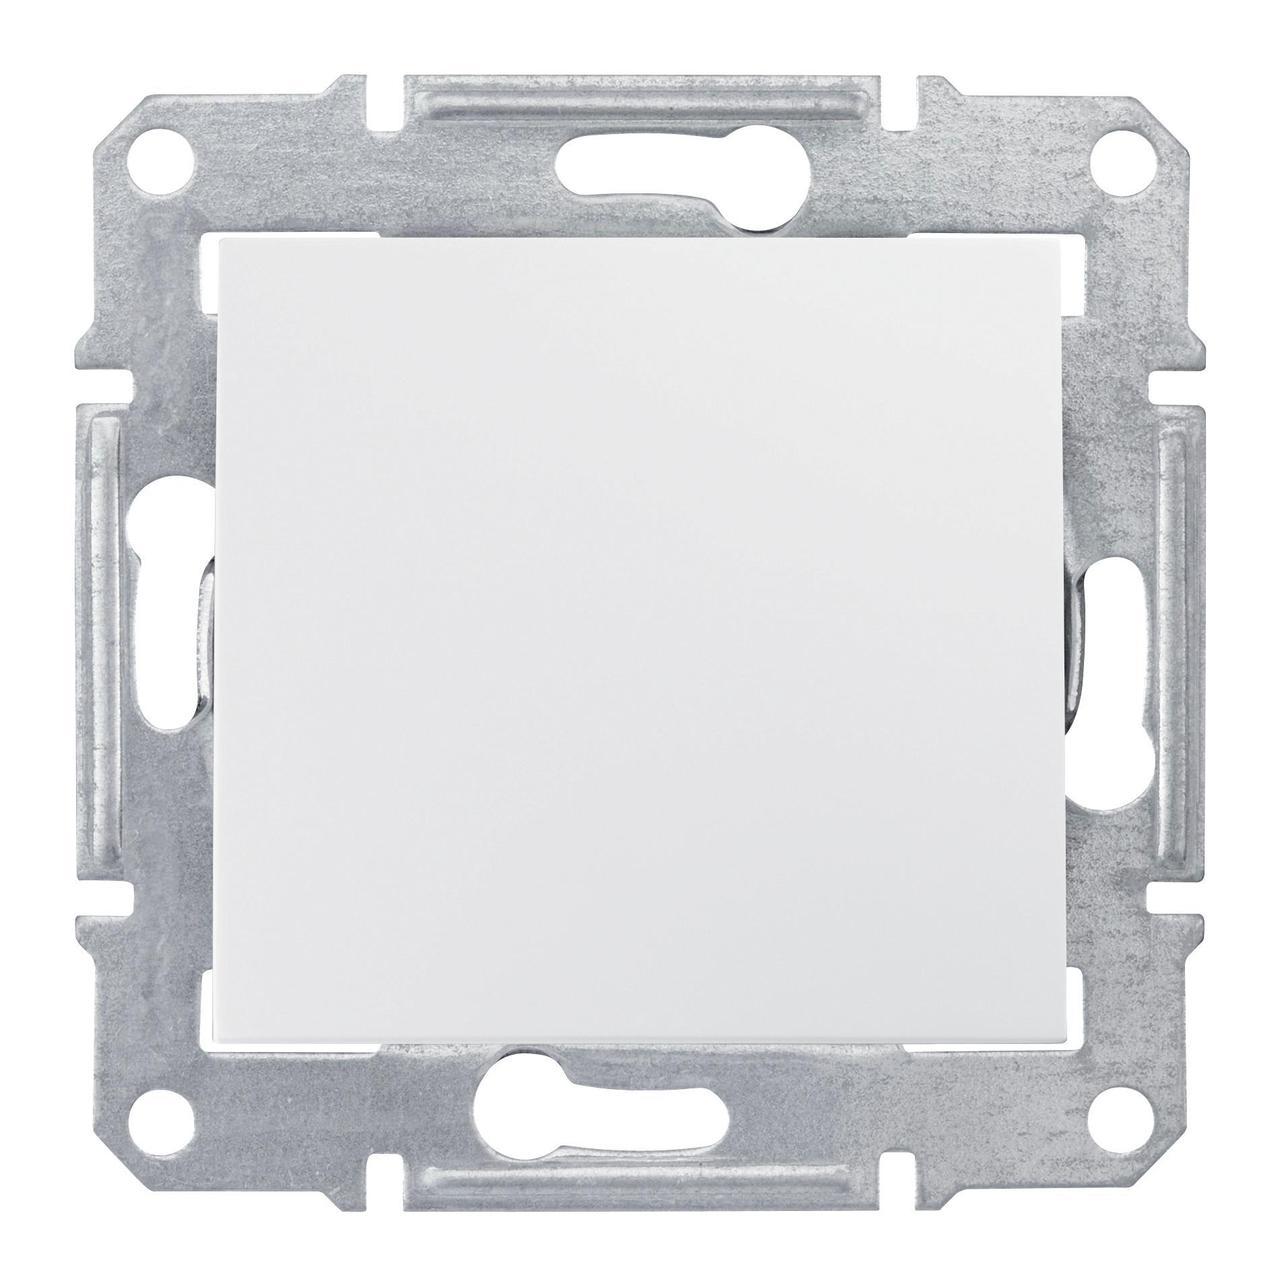 Выключатель 1-клавишный; кнопочный , Белый, серия Sedna, Schneider Electric